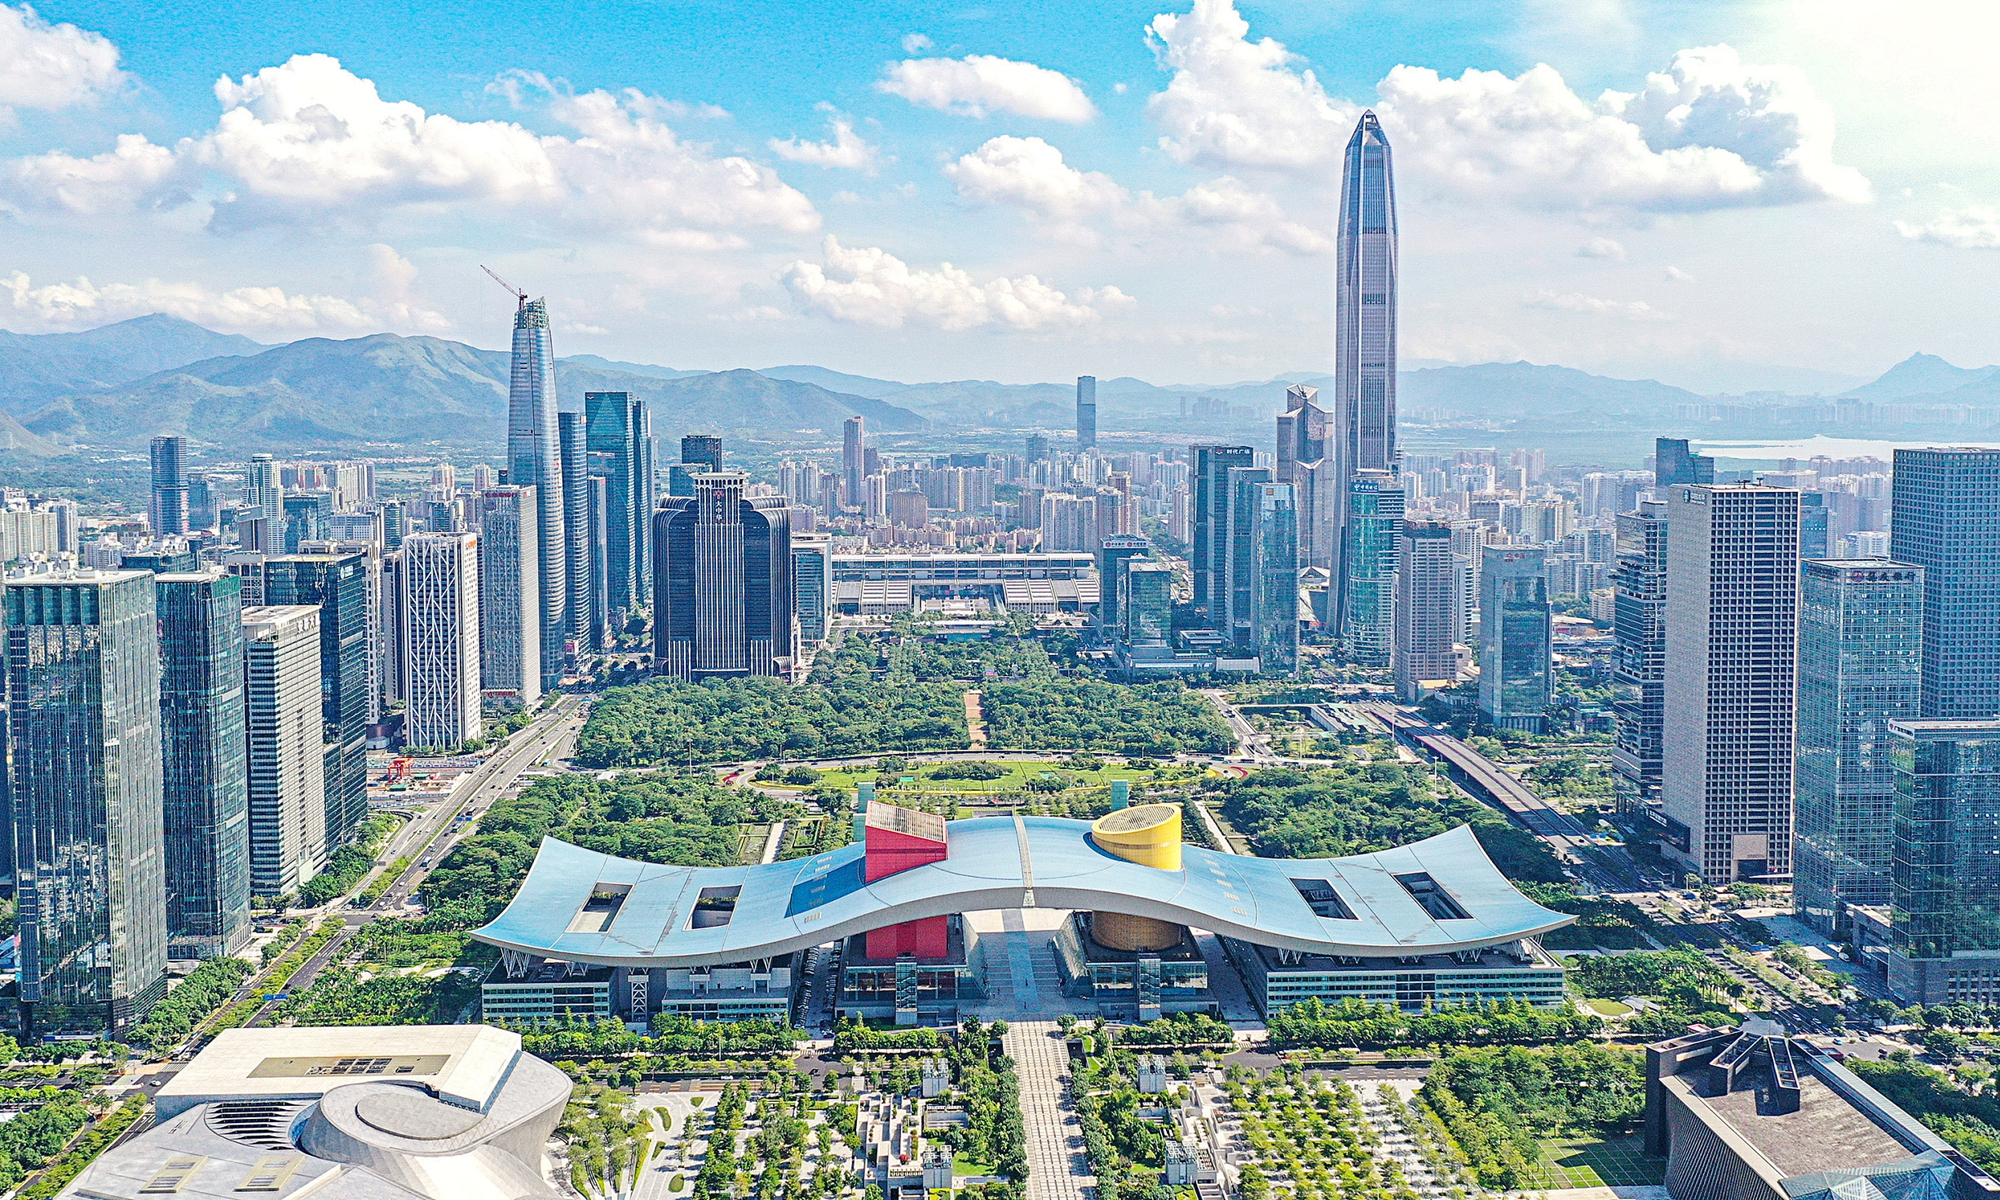 خرید کالاهای الکترونیک از چین